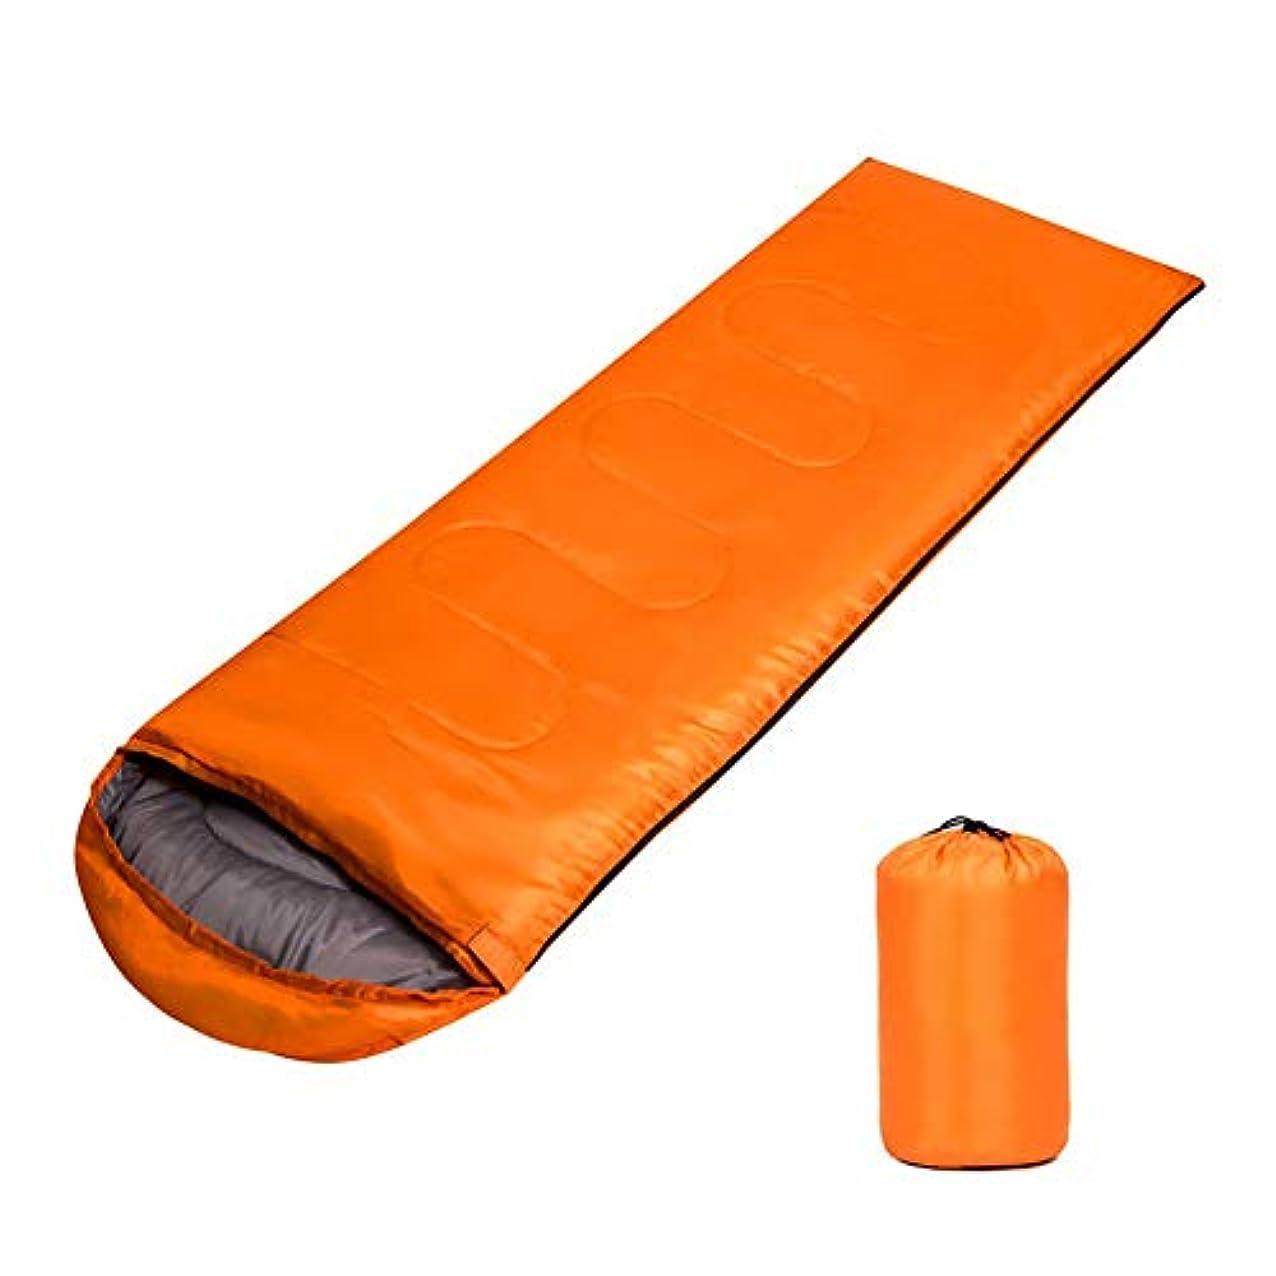 追い出す町恐ろしい軽量寝袋220 x 75cmポータブル1kg屋外ハイキングキャンプ圧縮パッケージ防水寝袋